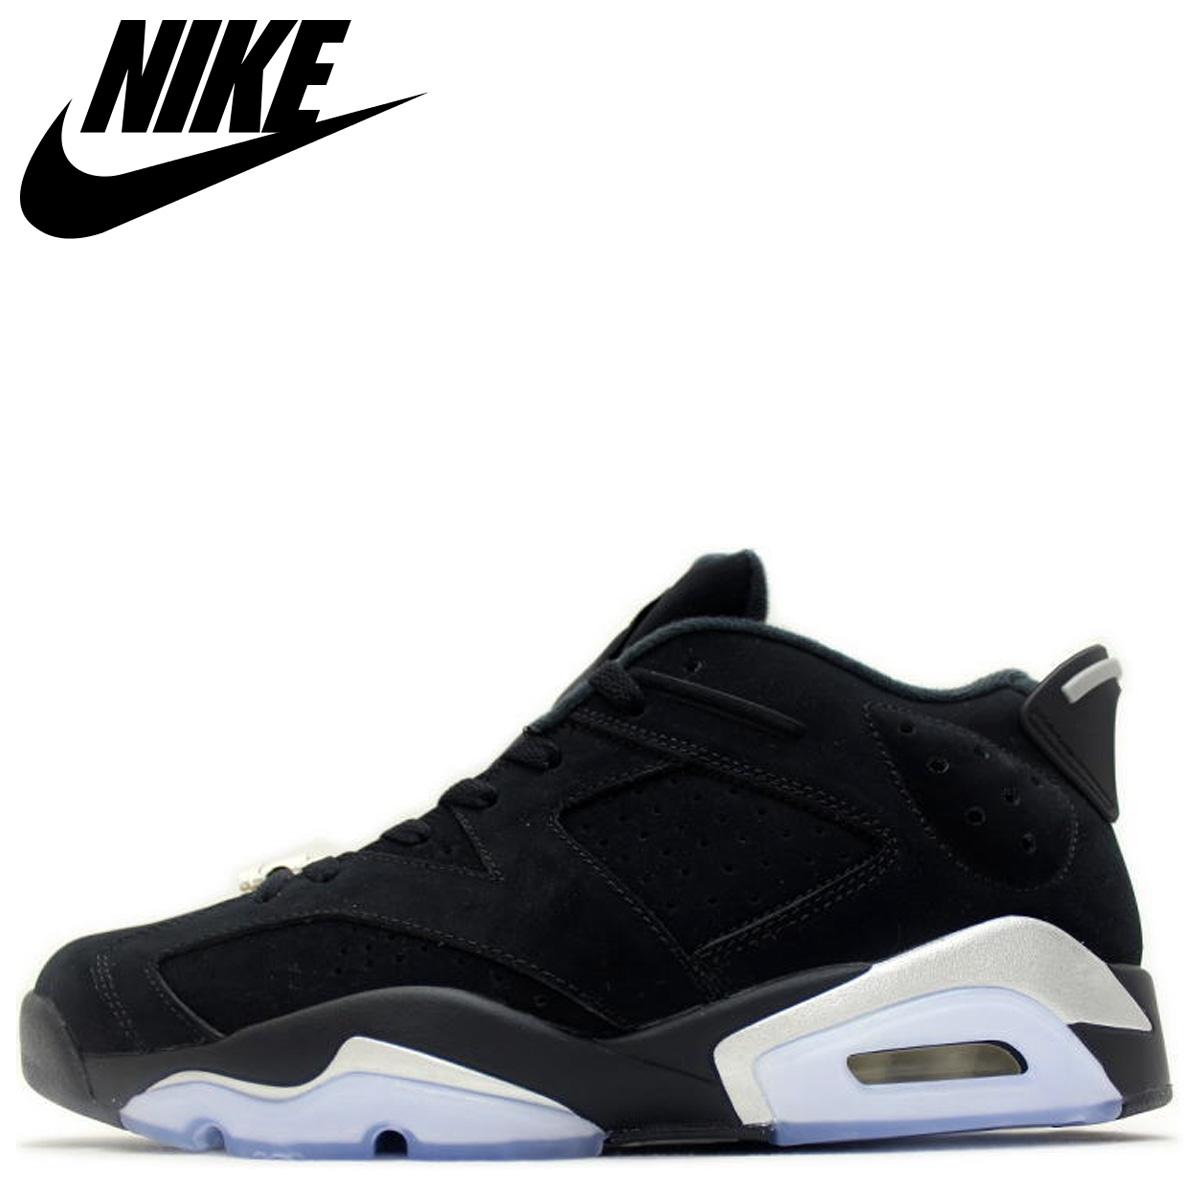 new product dfa48 89a94 Nike NIKE Air Jordan 6 nostalgic sneakers men AIR JORDAN 6 RETRO LOW black  black 304,401-003